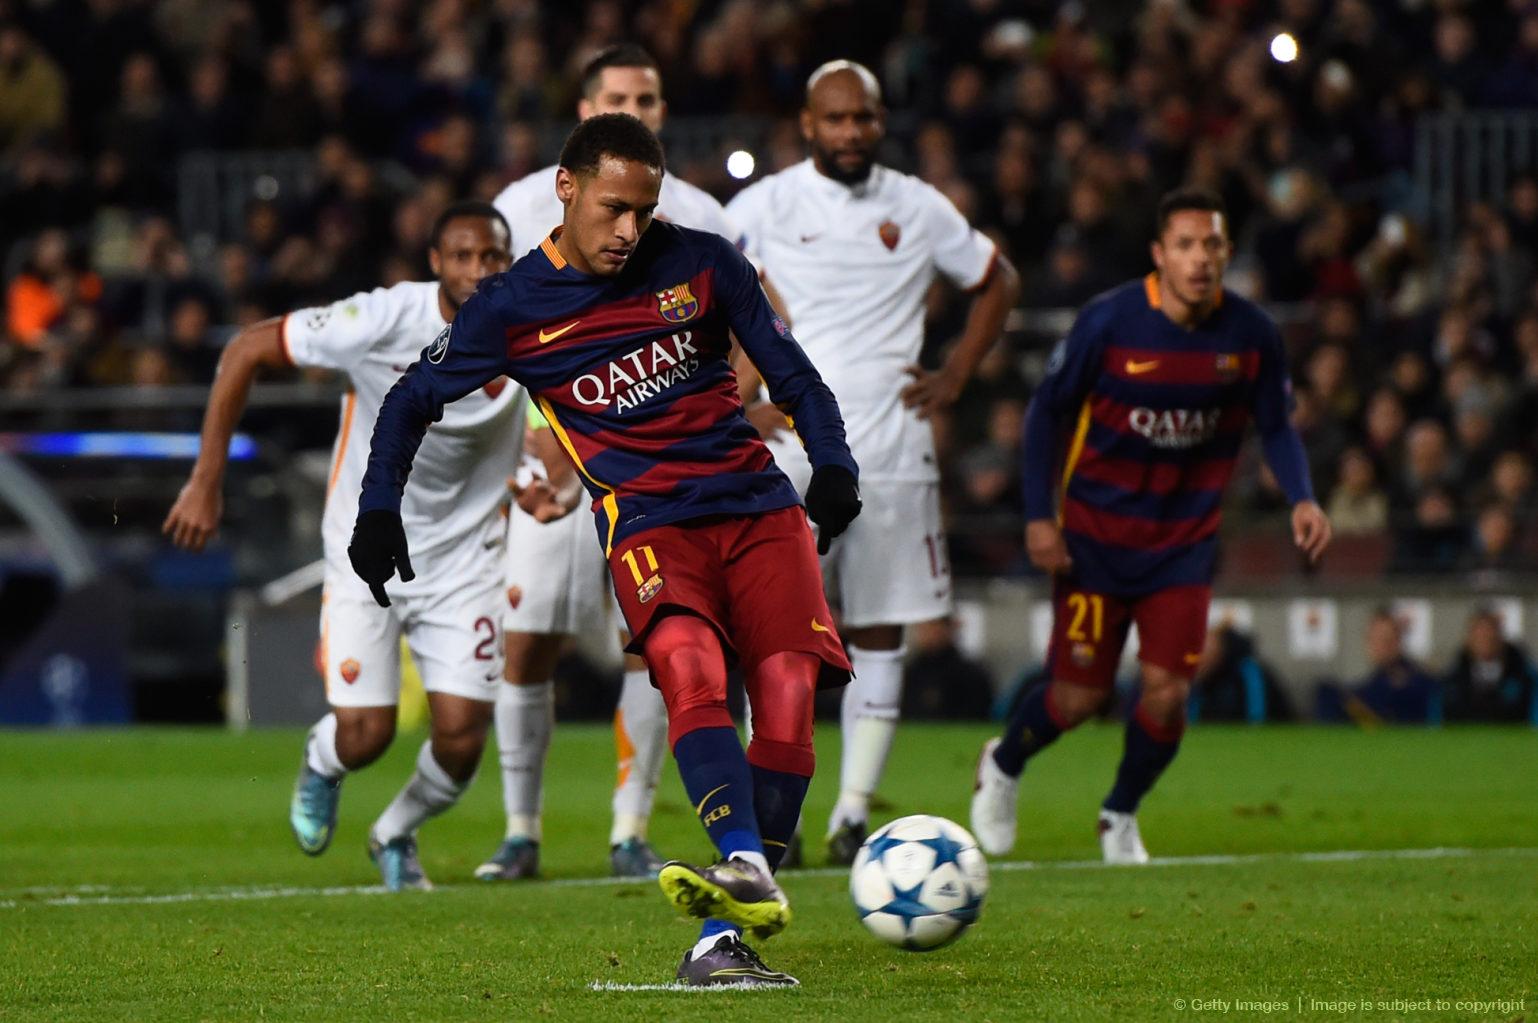 ویدئو ؛ خلاصه بازی بارسلونا 6-1 رم